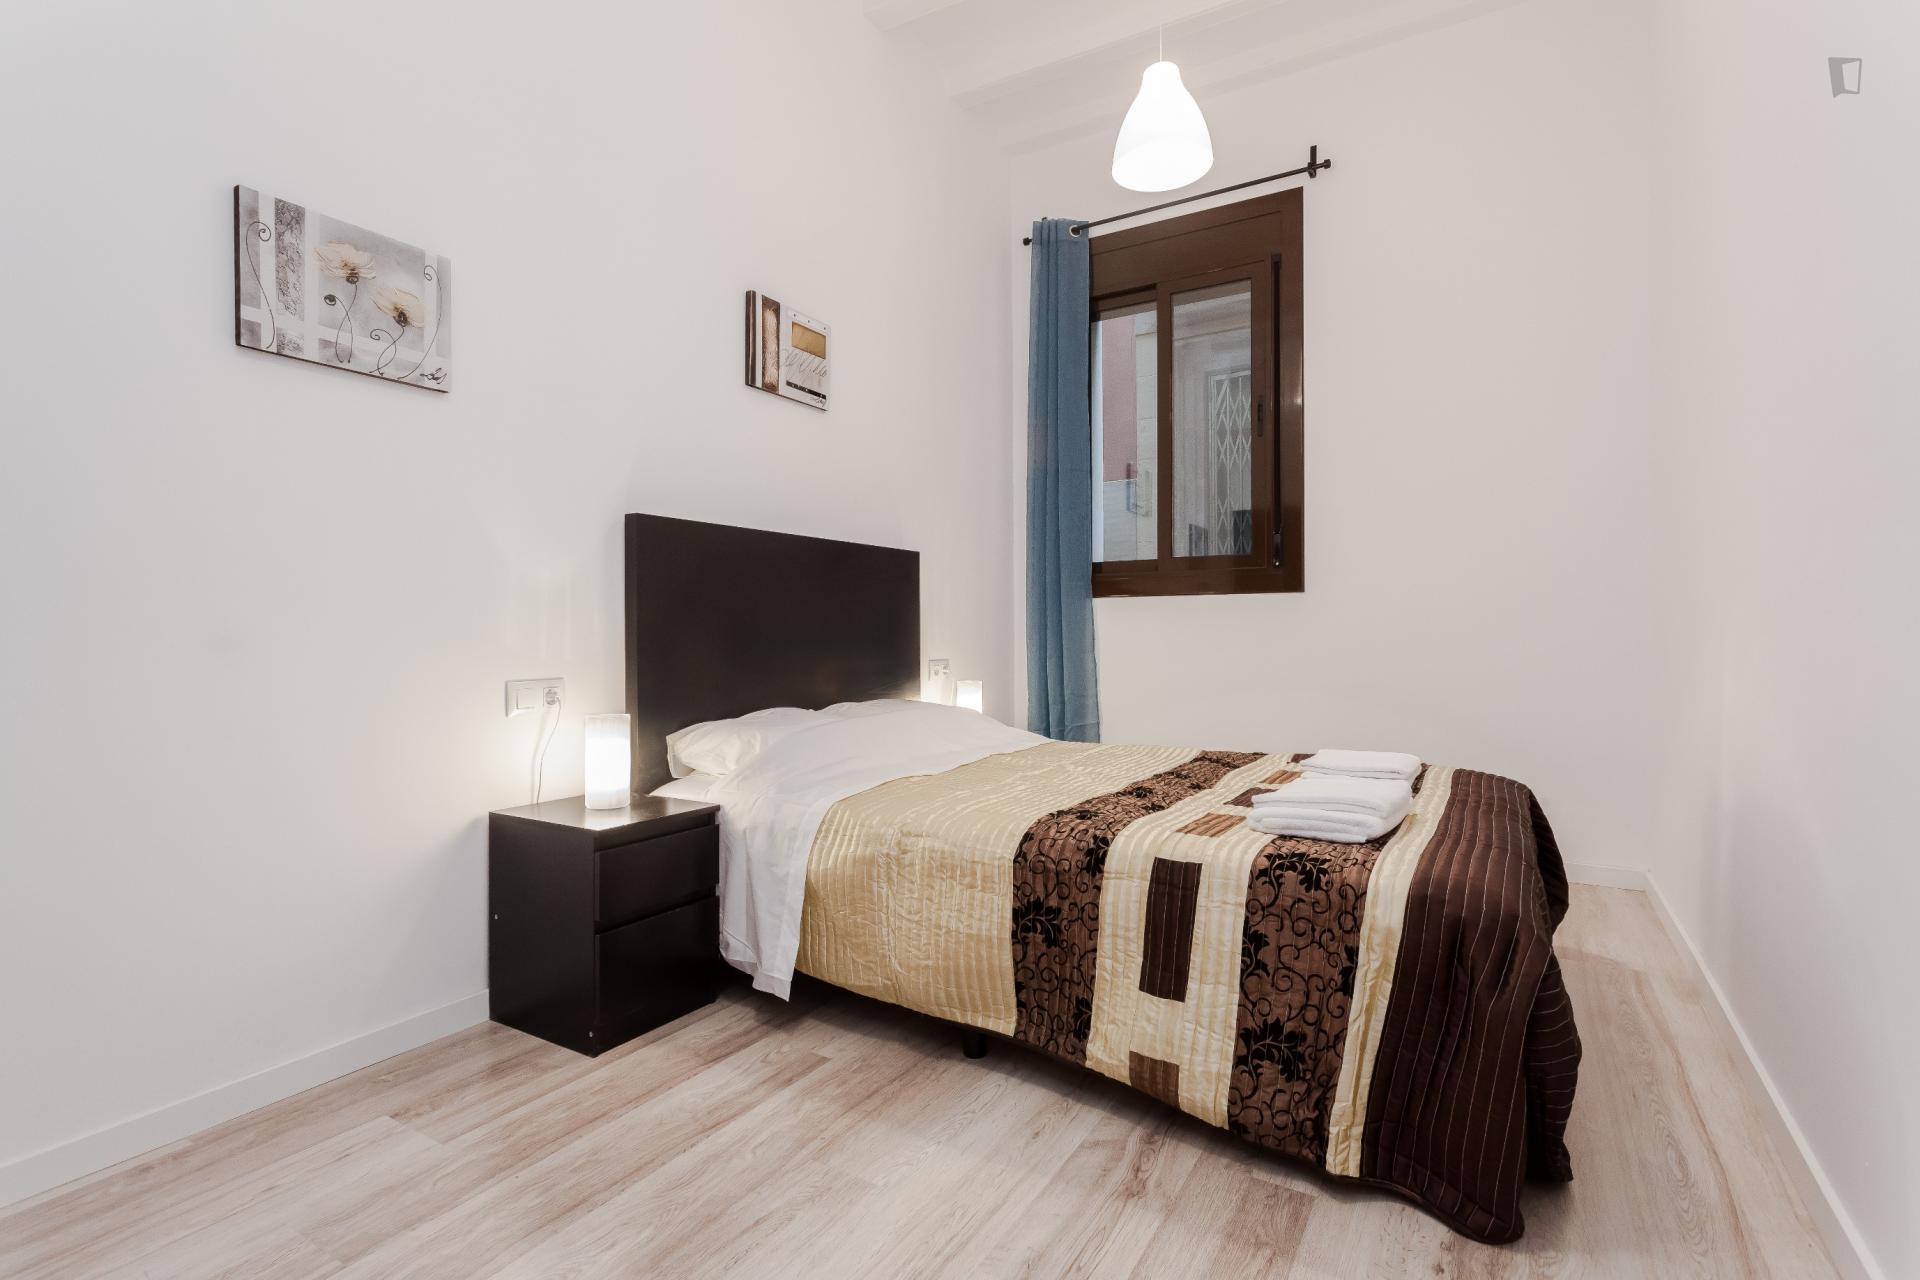 Caterina - Piso de 1 habitación Barcelona centro